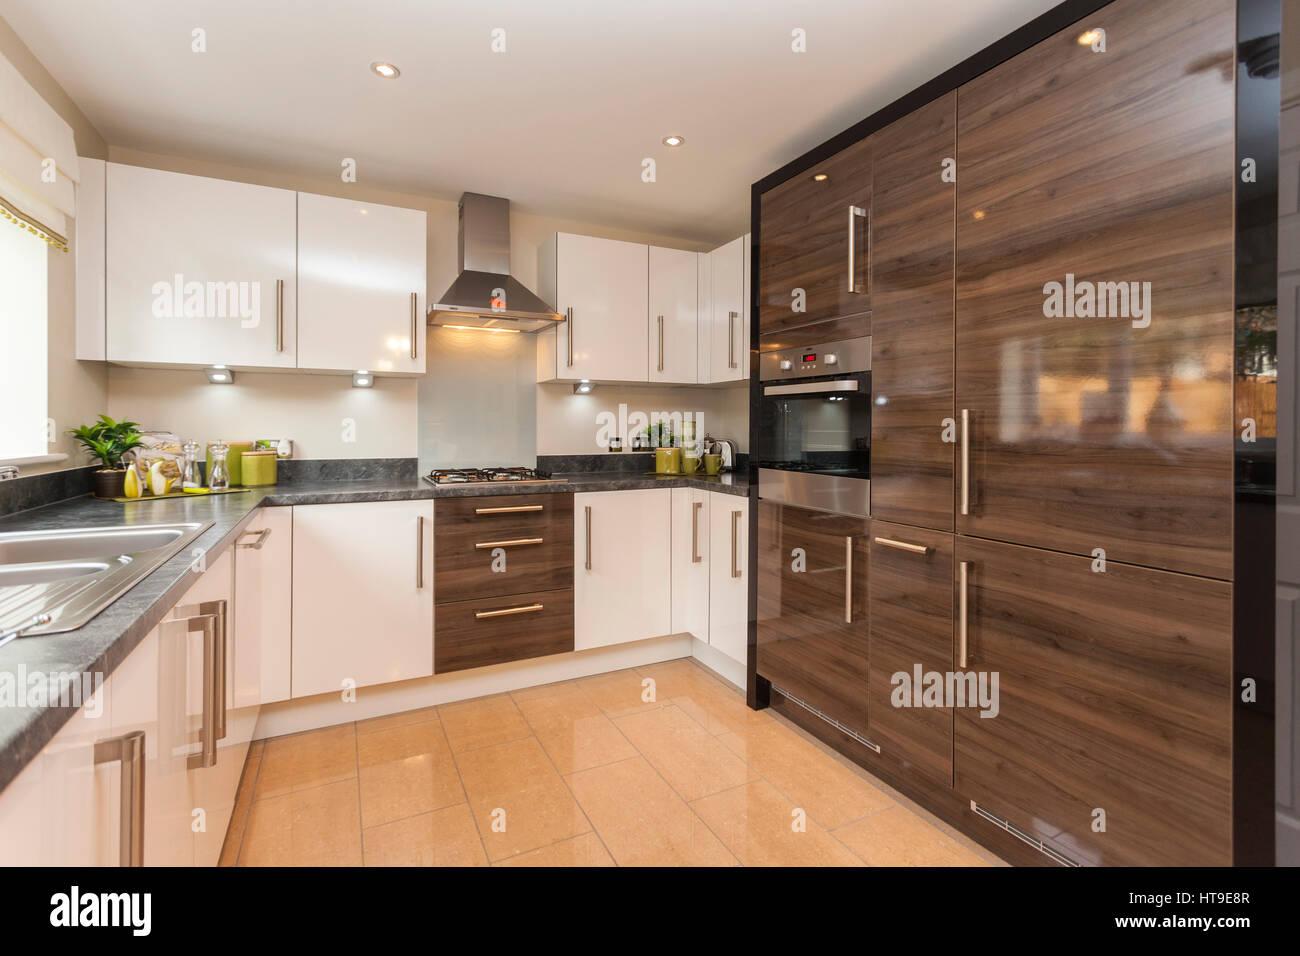 Home Interieur, moderne Küche, neue Heimat, weiße Einheiten zu bauen ...